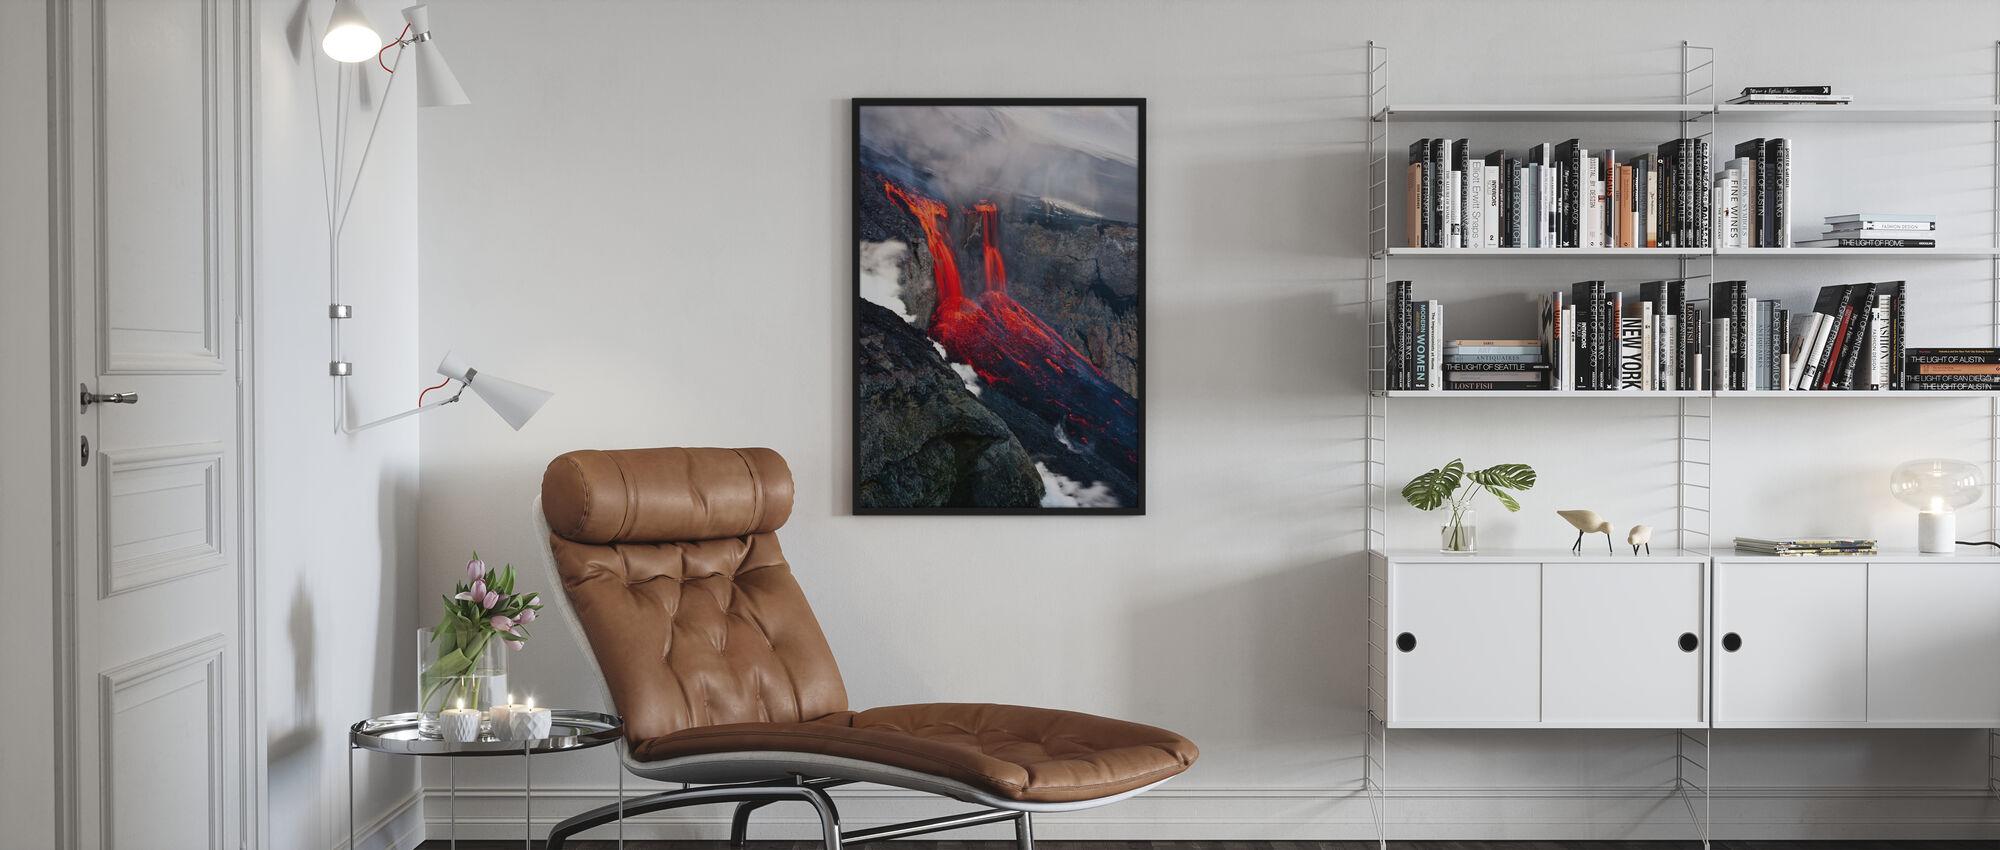 Vloeibaar vuur - Ingelijste print - Woonkamer